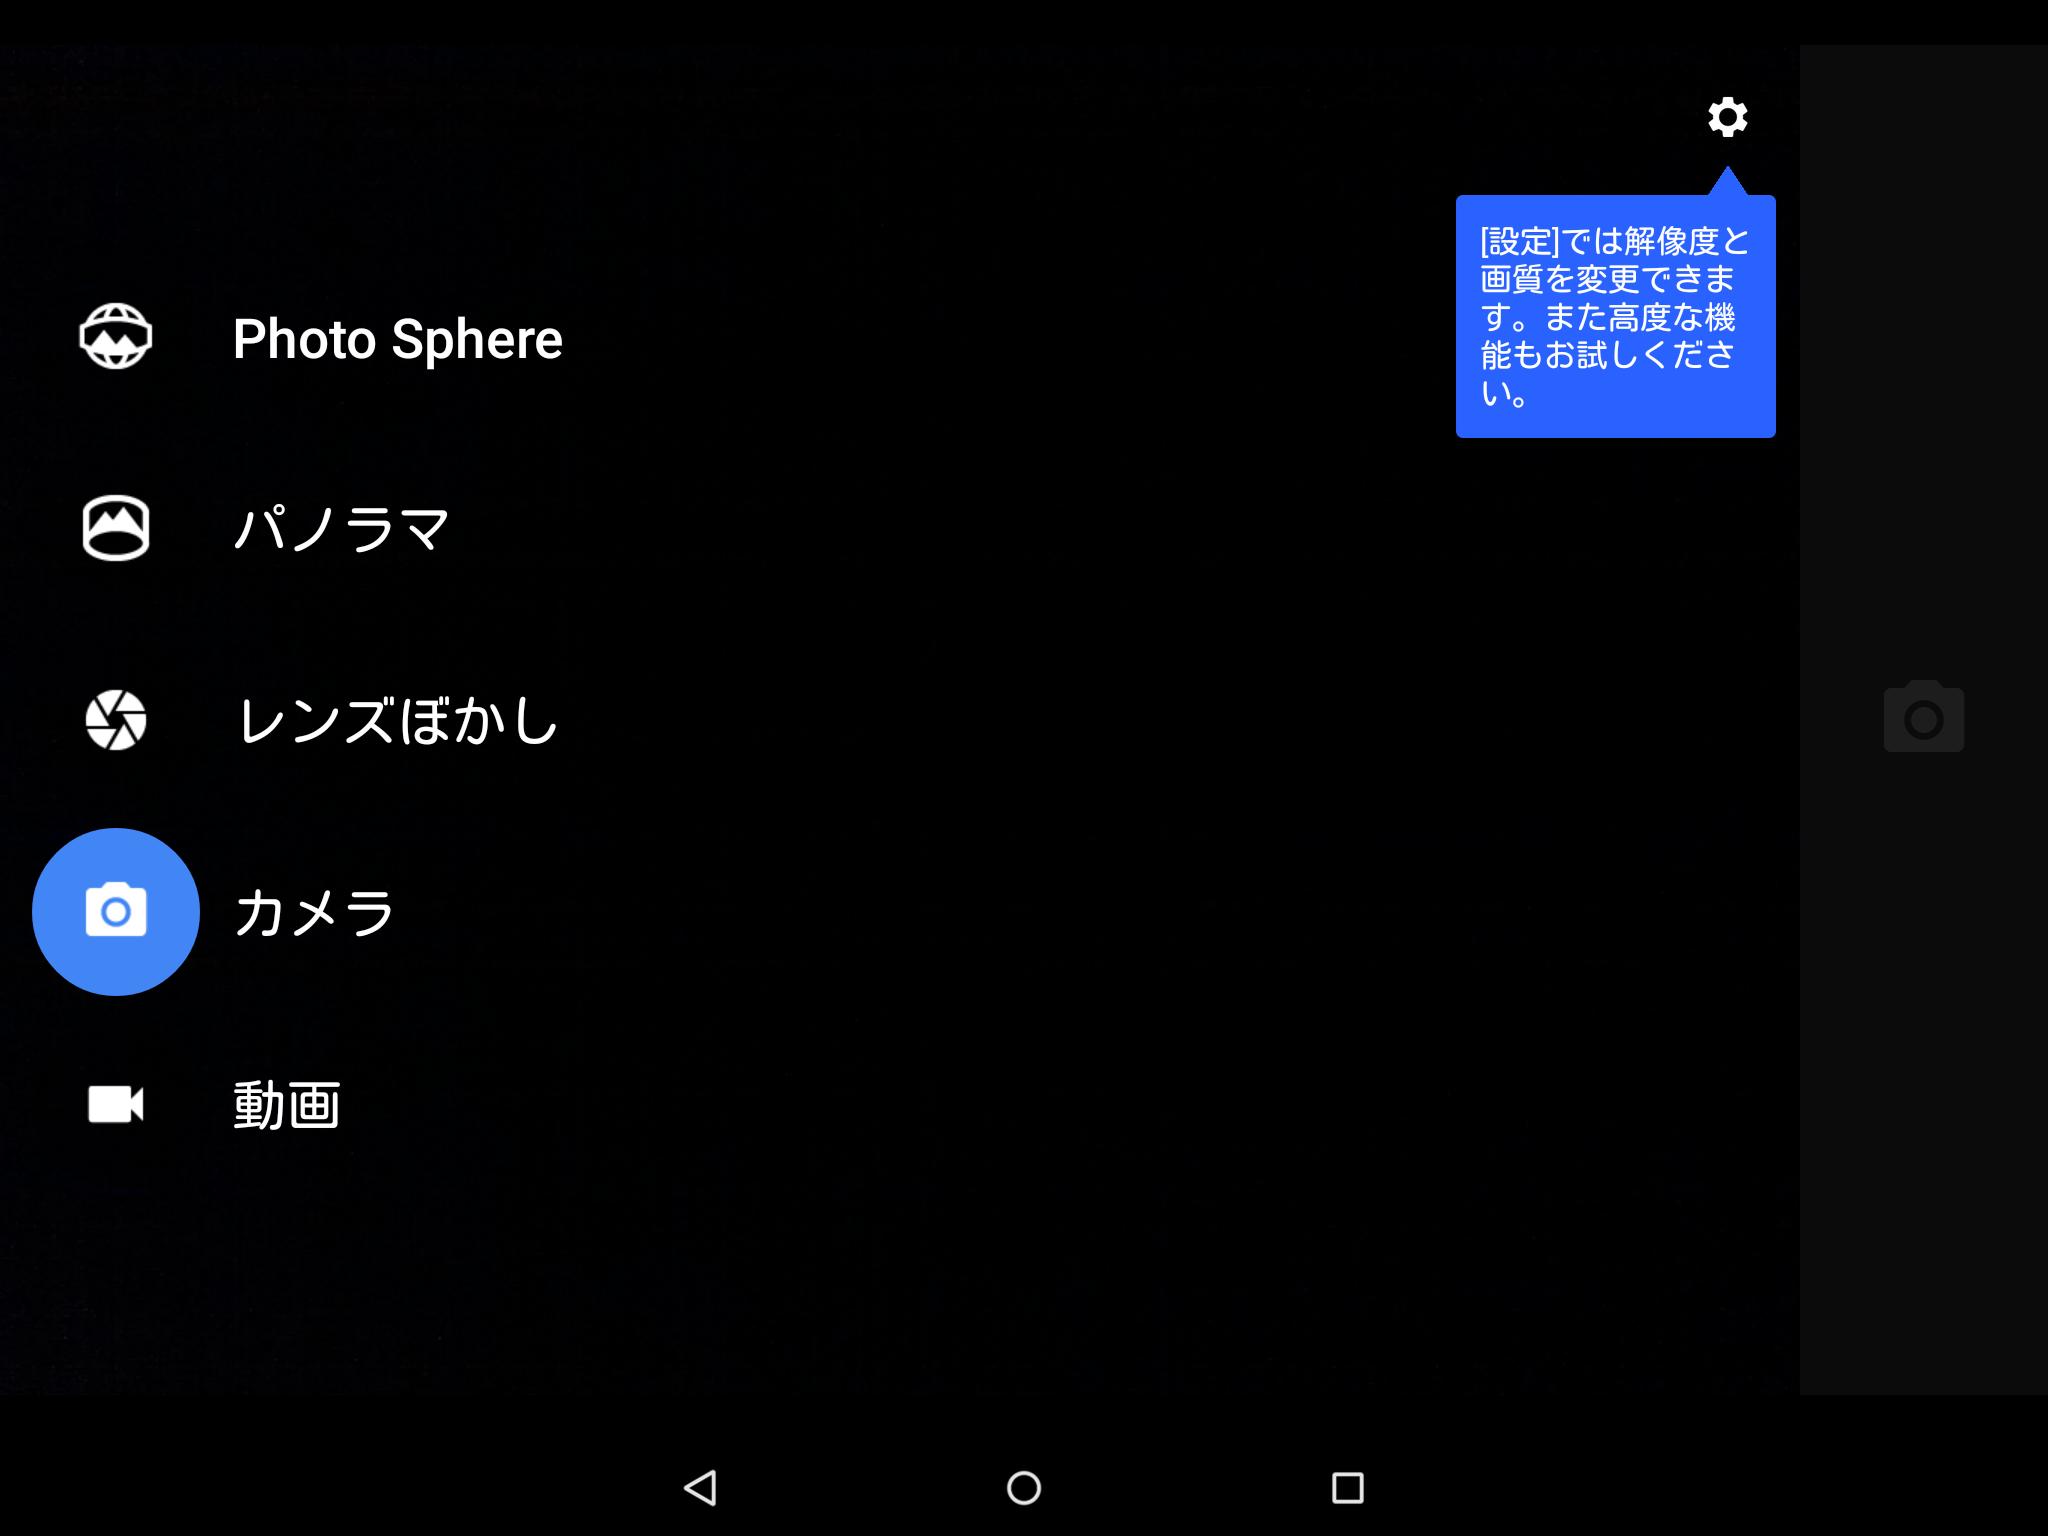 カメラのインターフェイスはAndroid標準